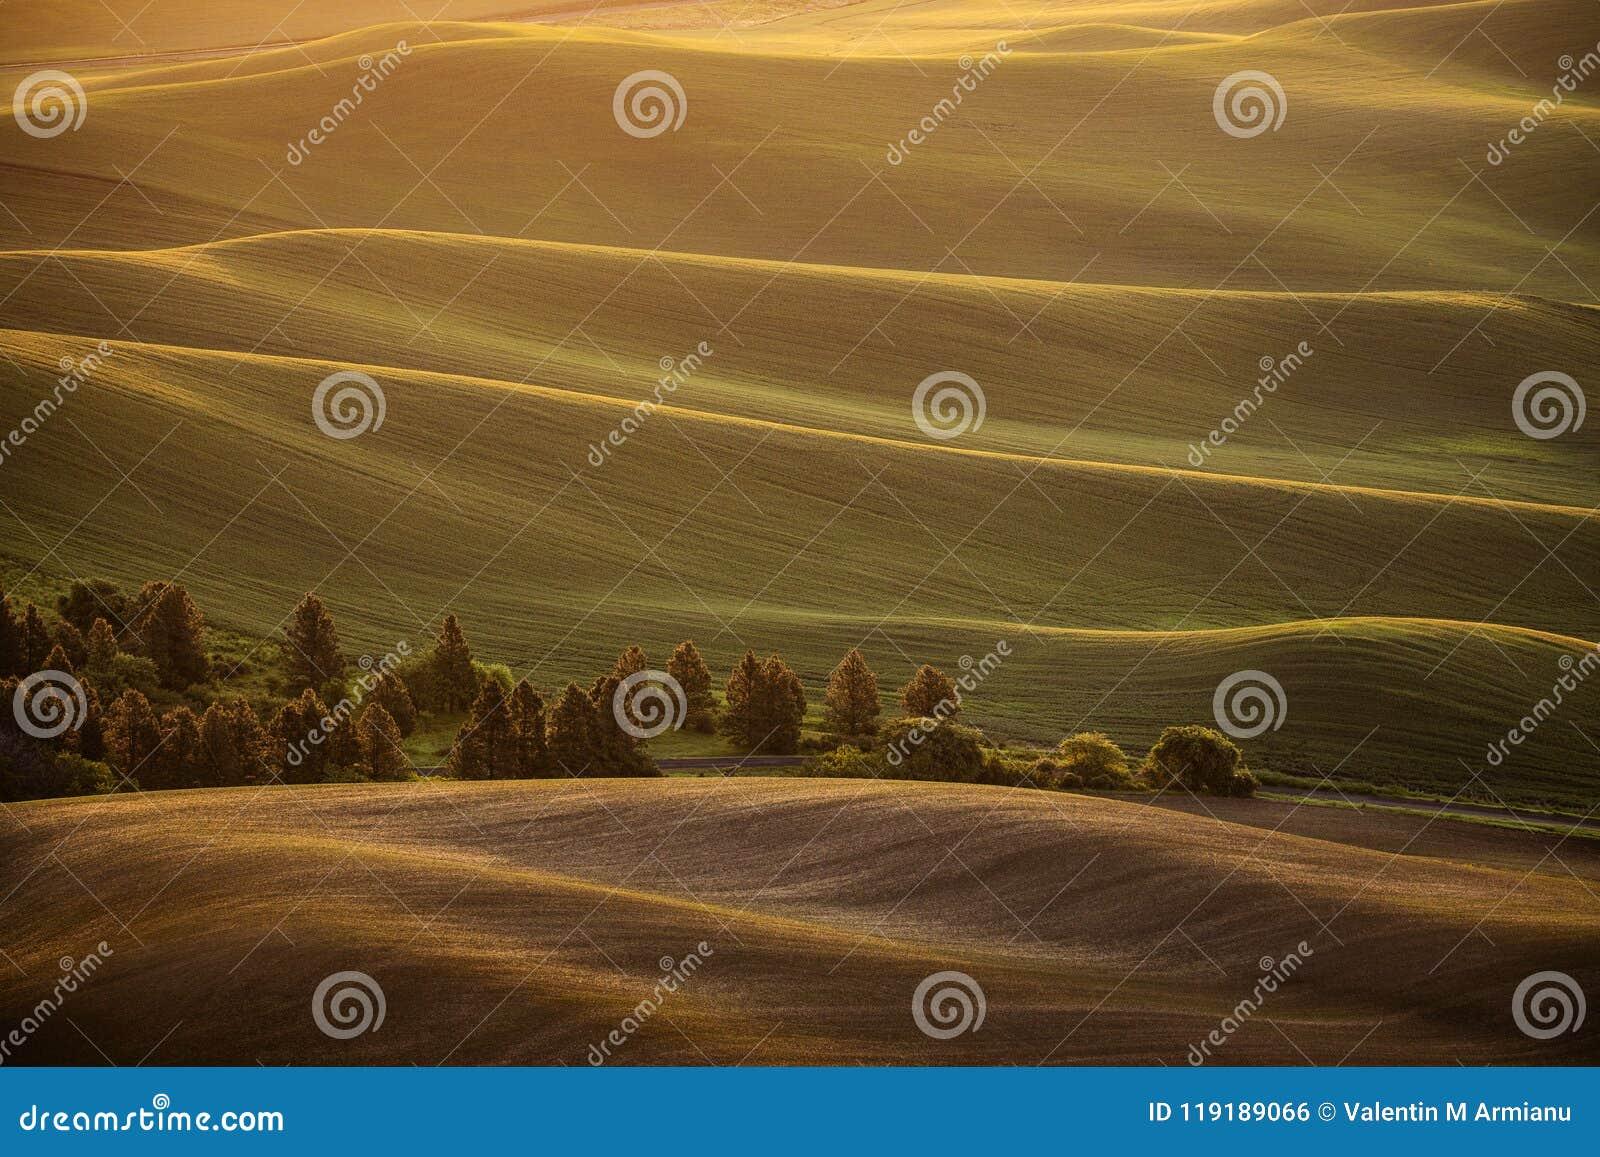 Sonnenaufgang über Rollenlandhügeln